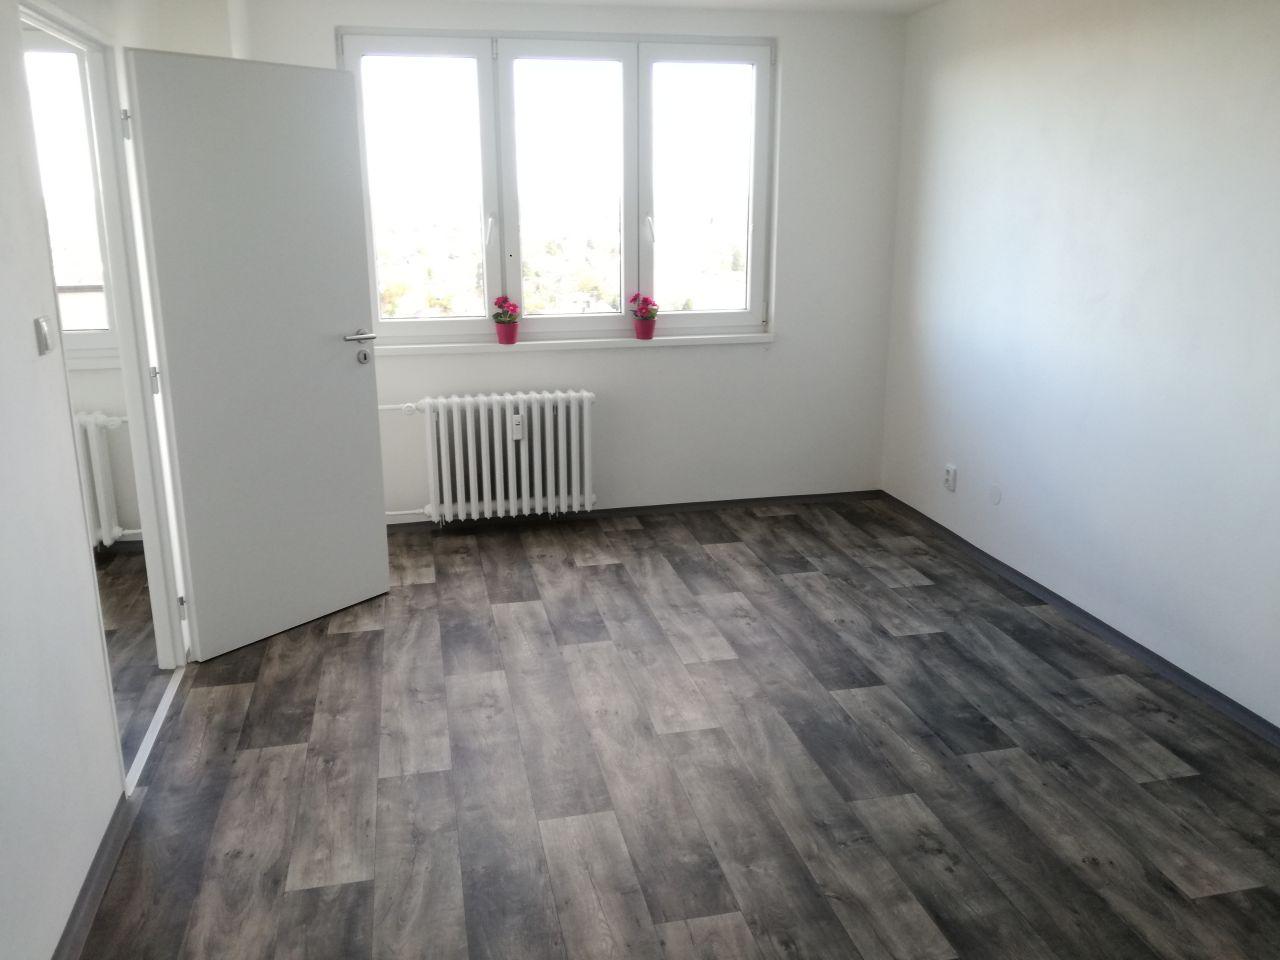 Pronájem bytu 2+kk 38 m2, ul. Pavlovova 2629/25, Ostrava - Zábřeh